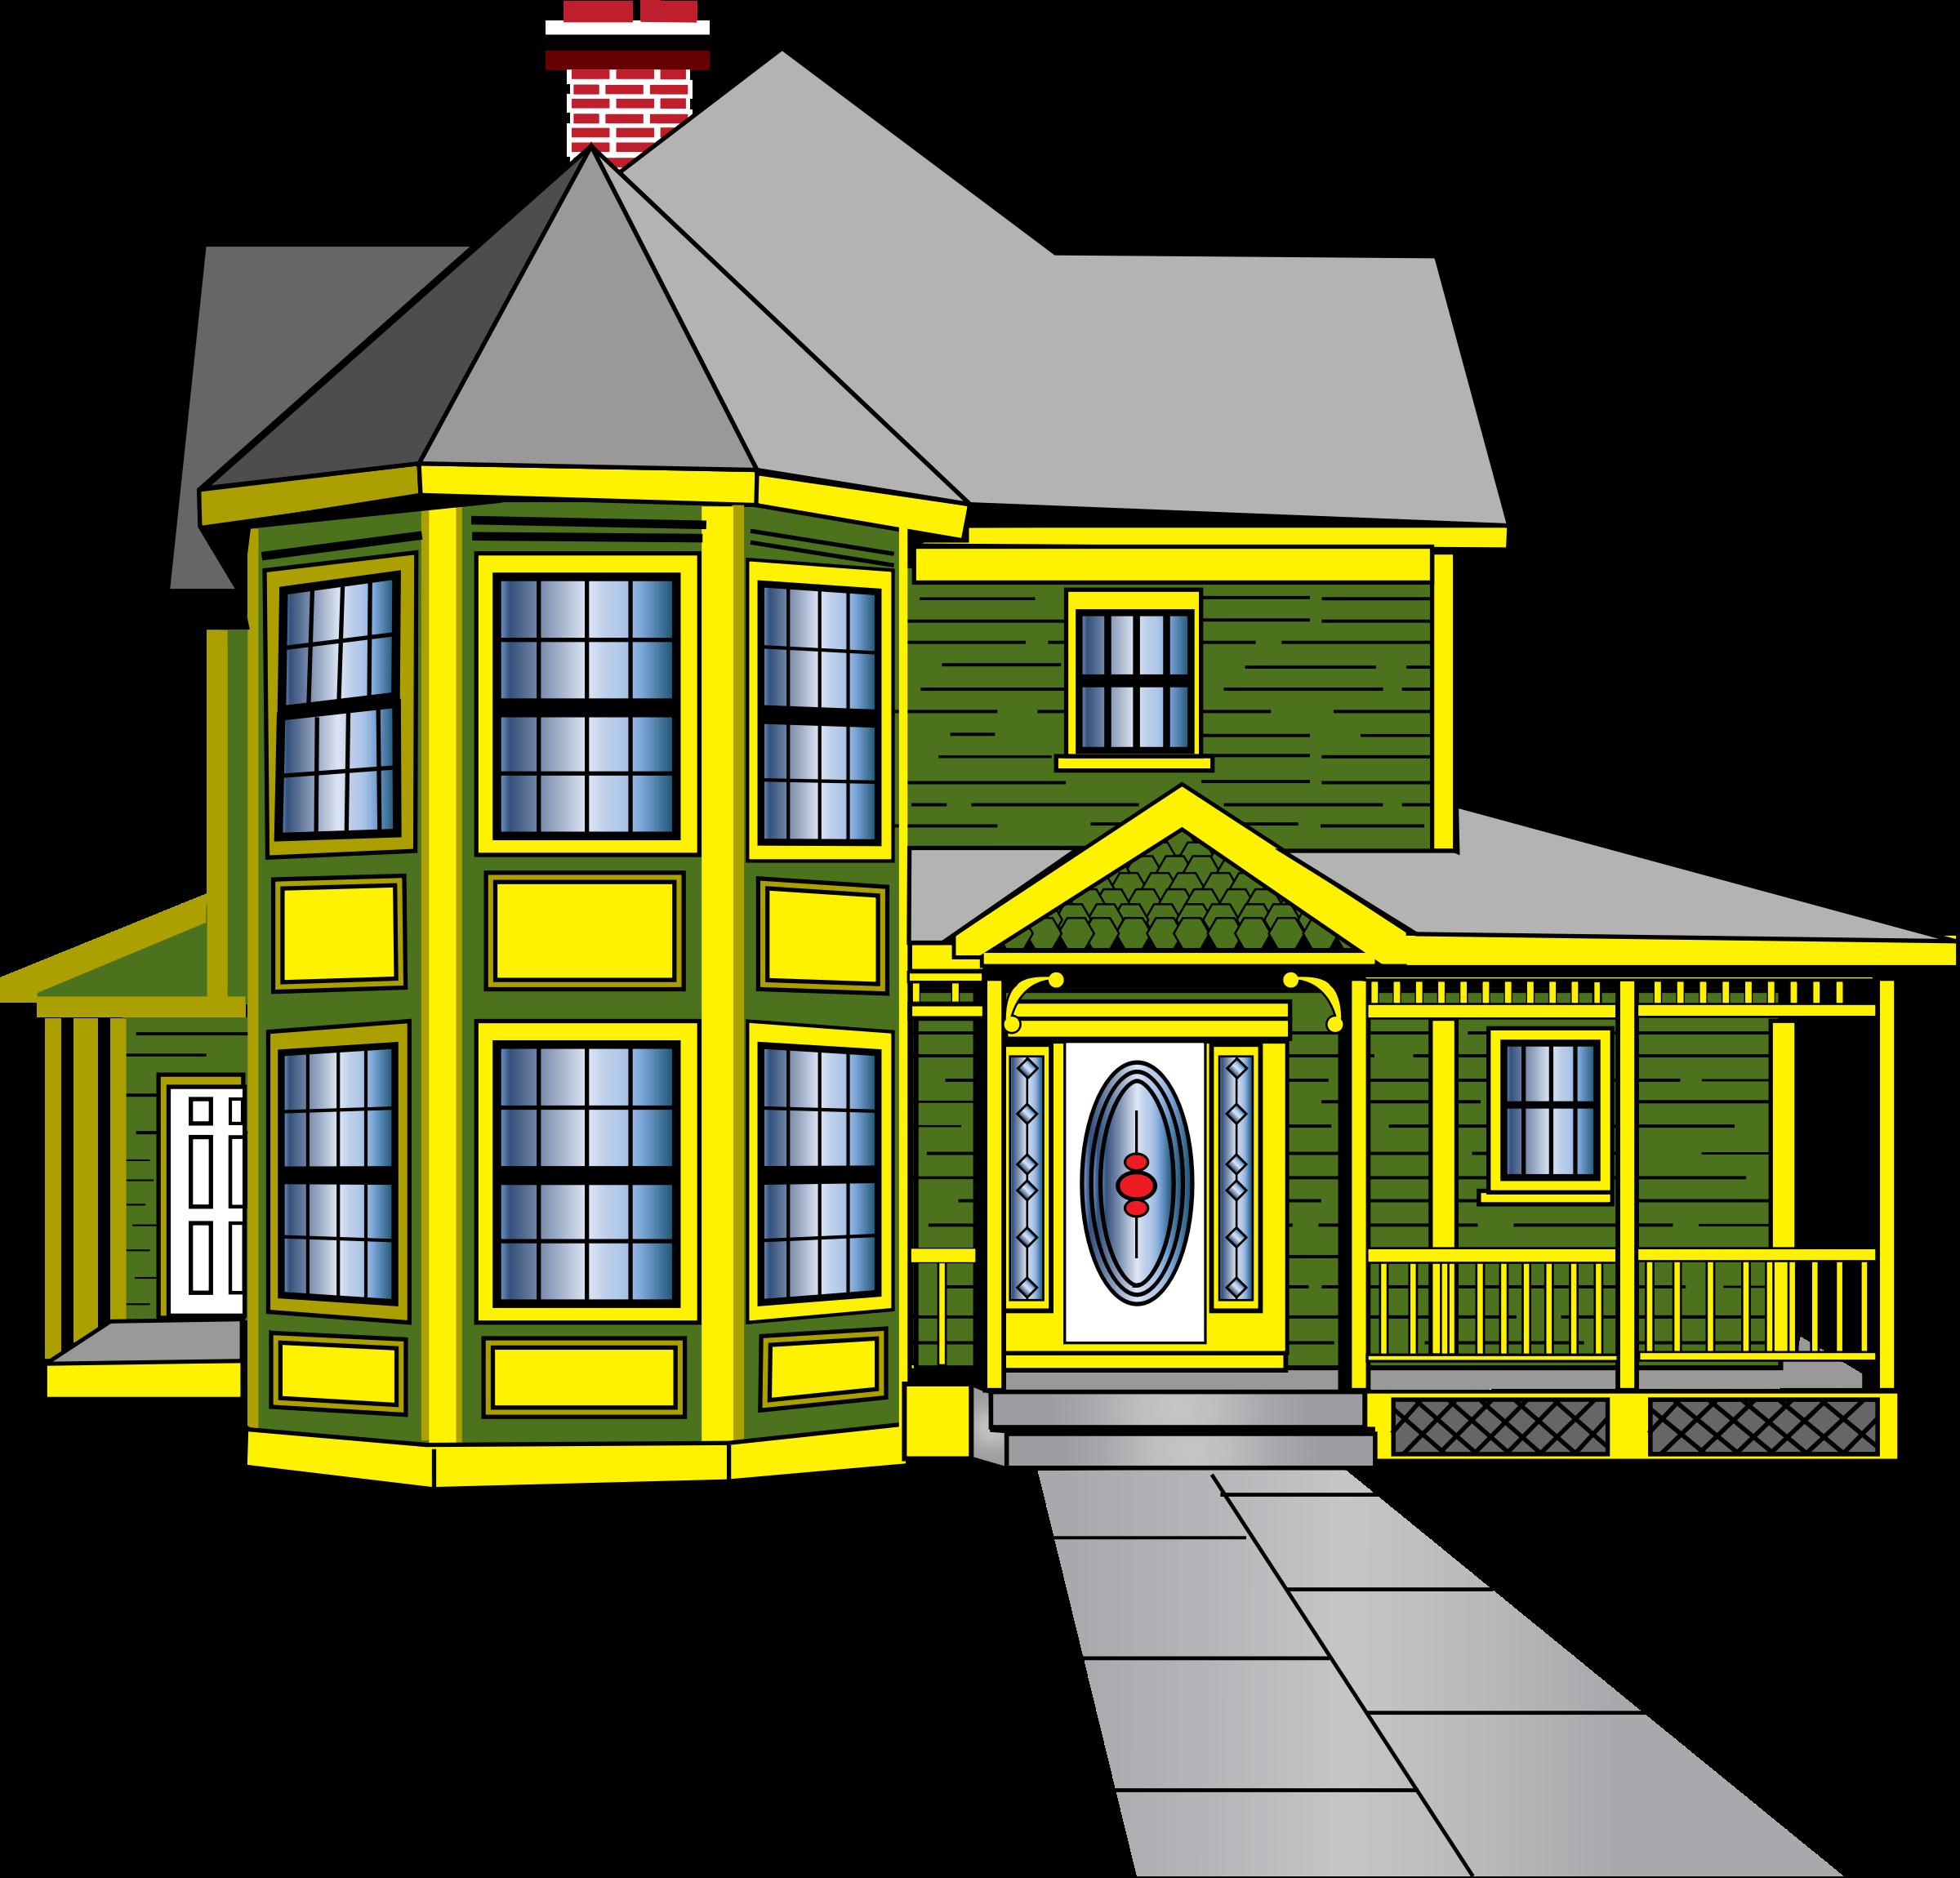 birdhouse. Clipart house yard